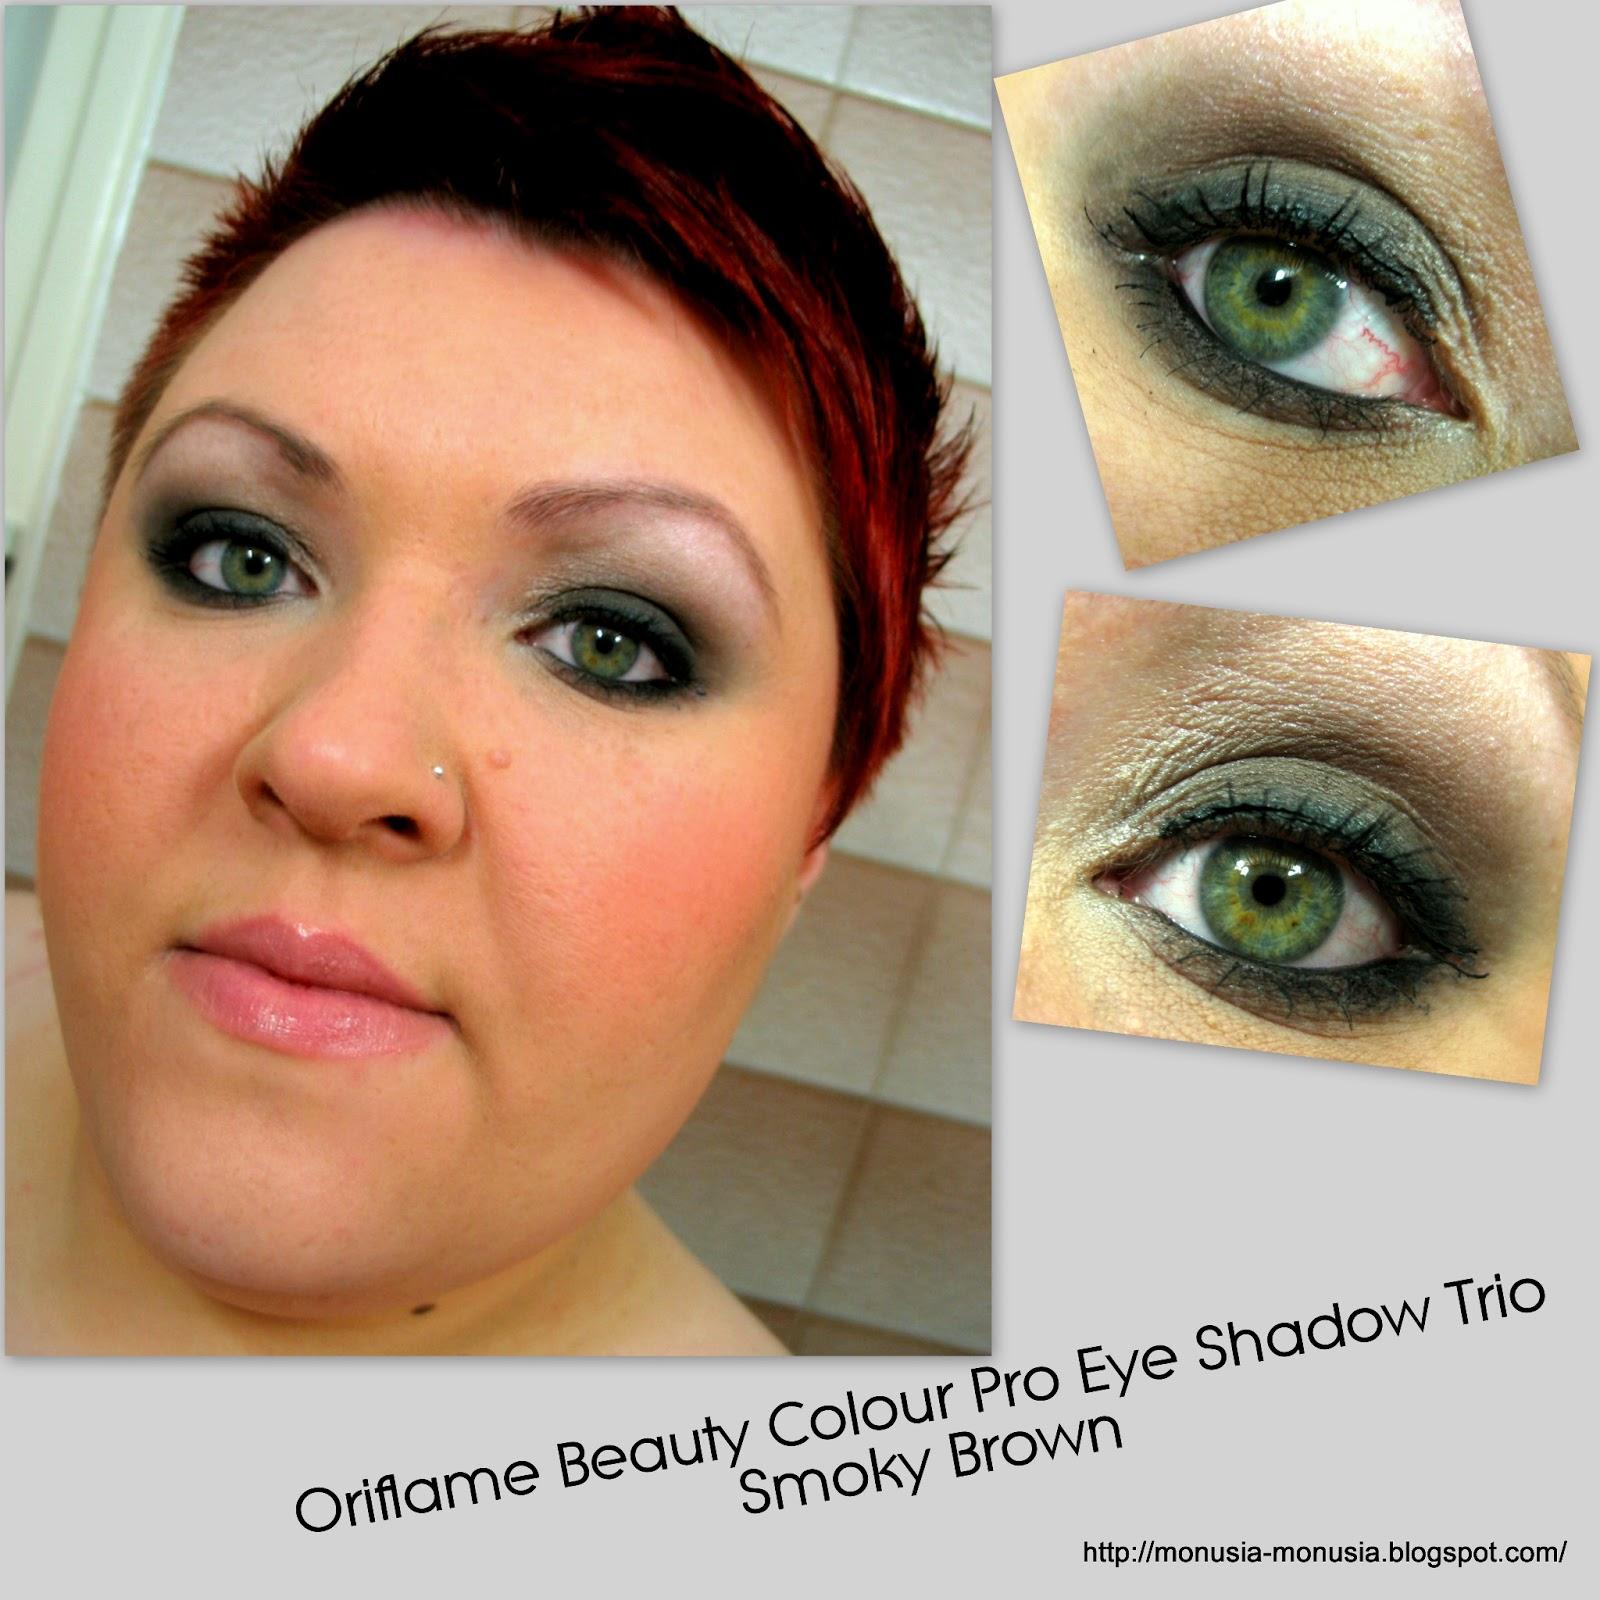 Paletkę tą nazwałabym ideałem dla podr³Å¼ujących w niewielkich rozmiarach mieszczą się wszystkie cienie do kompletnego makijażu oczu i brwi